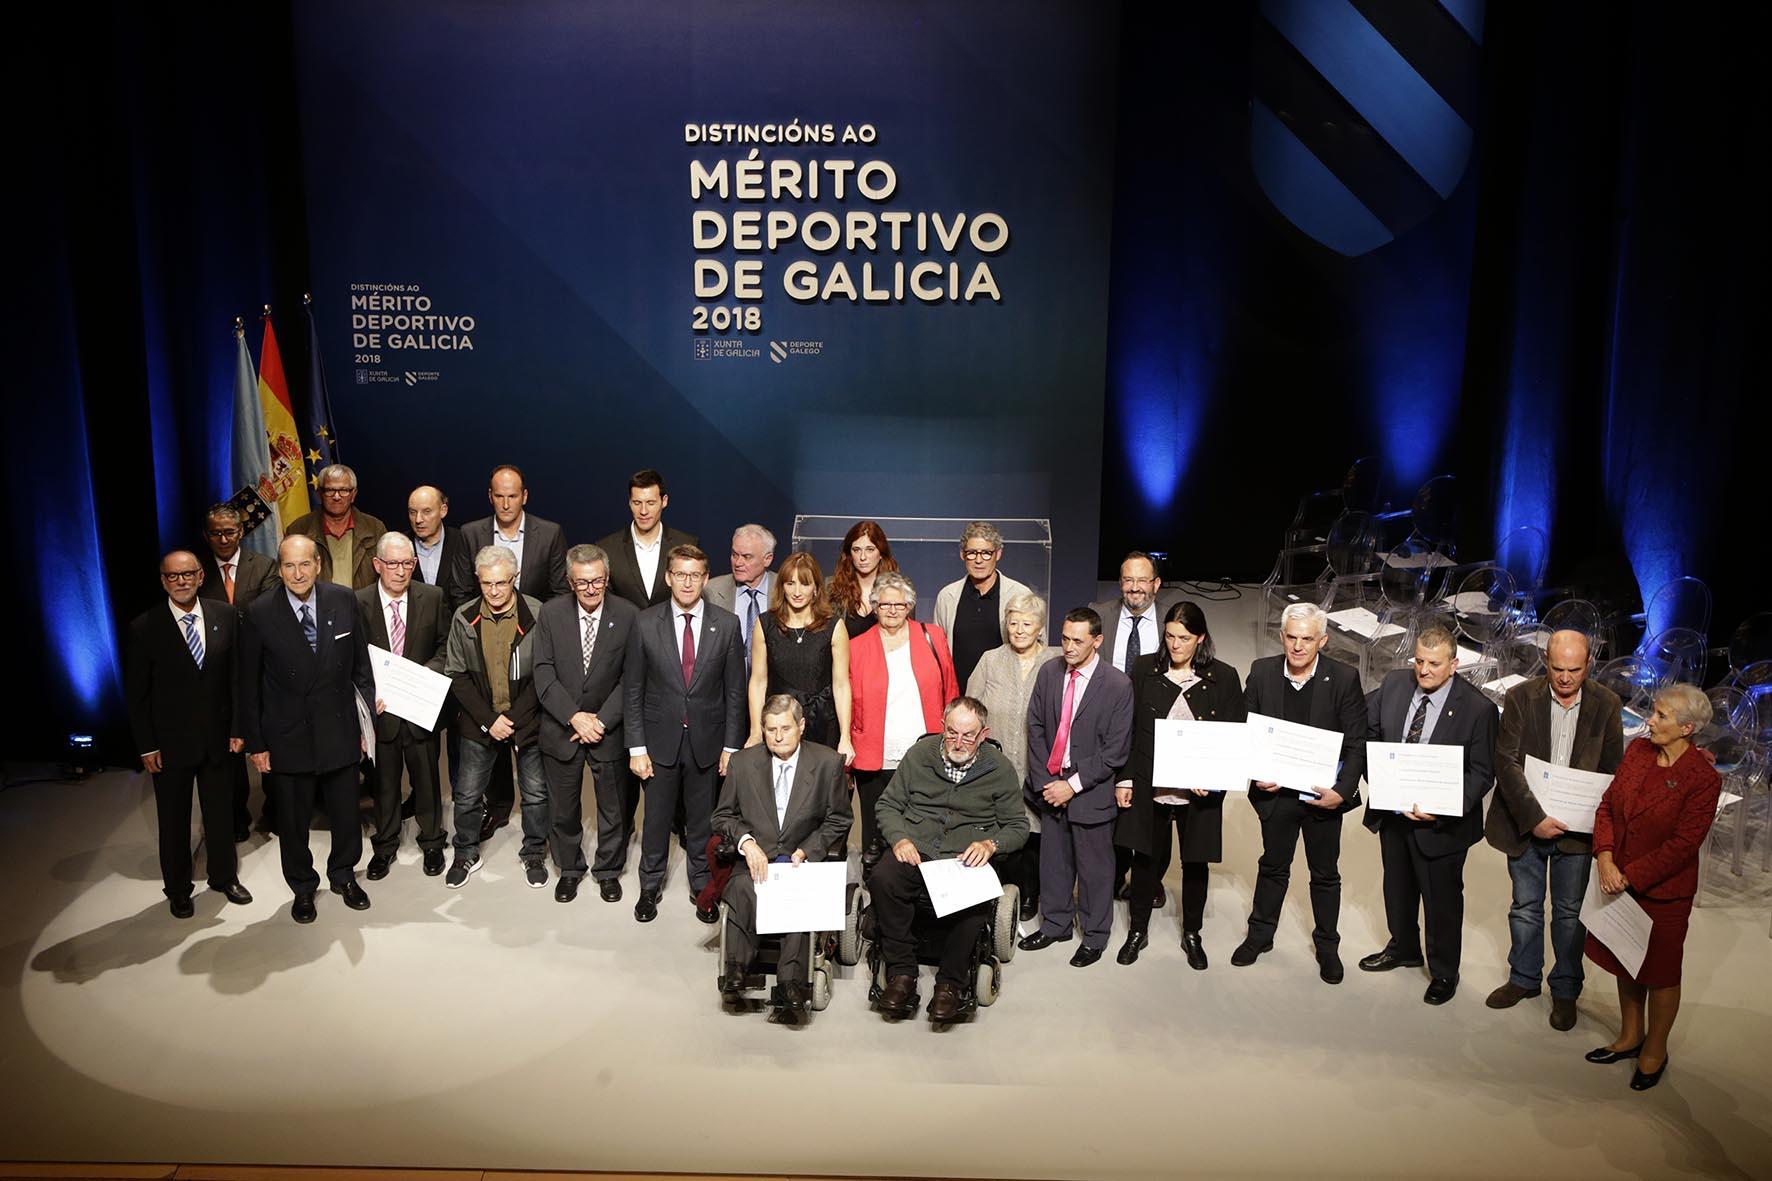 Distincións ao Mérito Deportivo de Galicia 2018